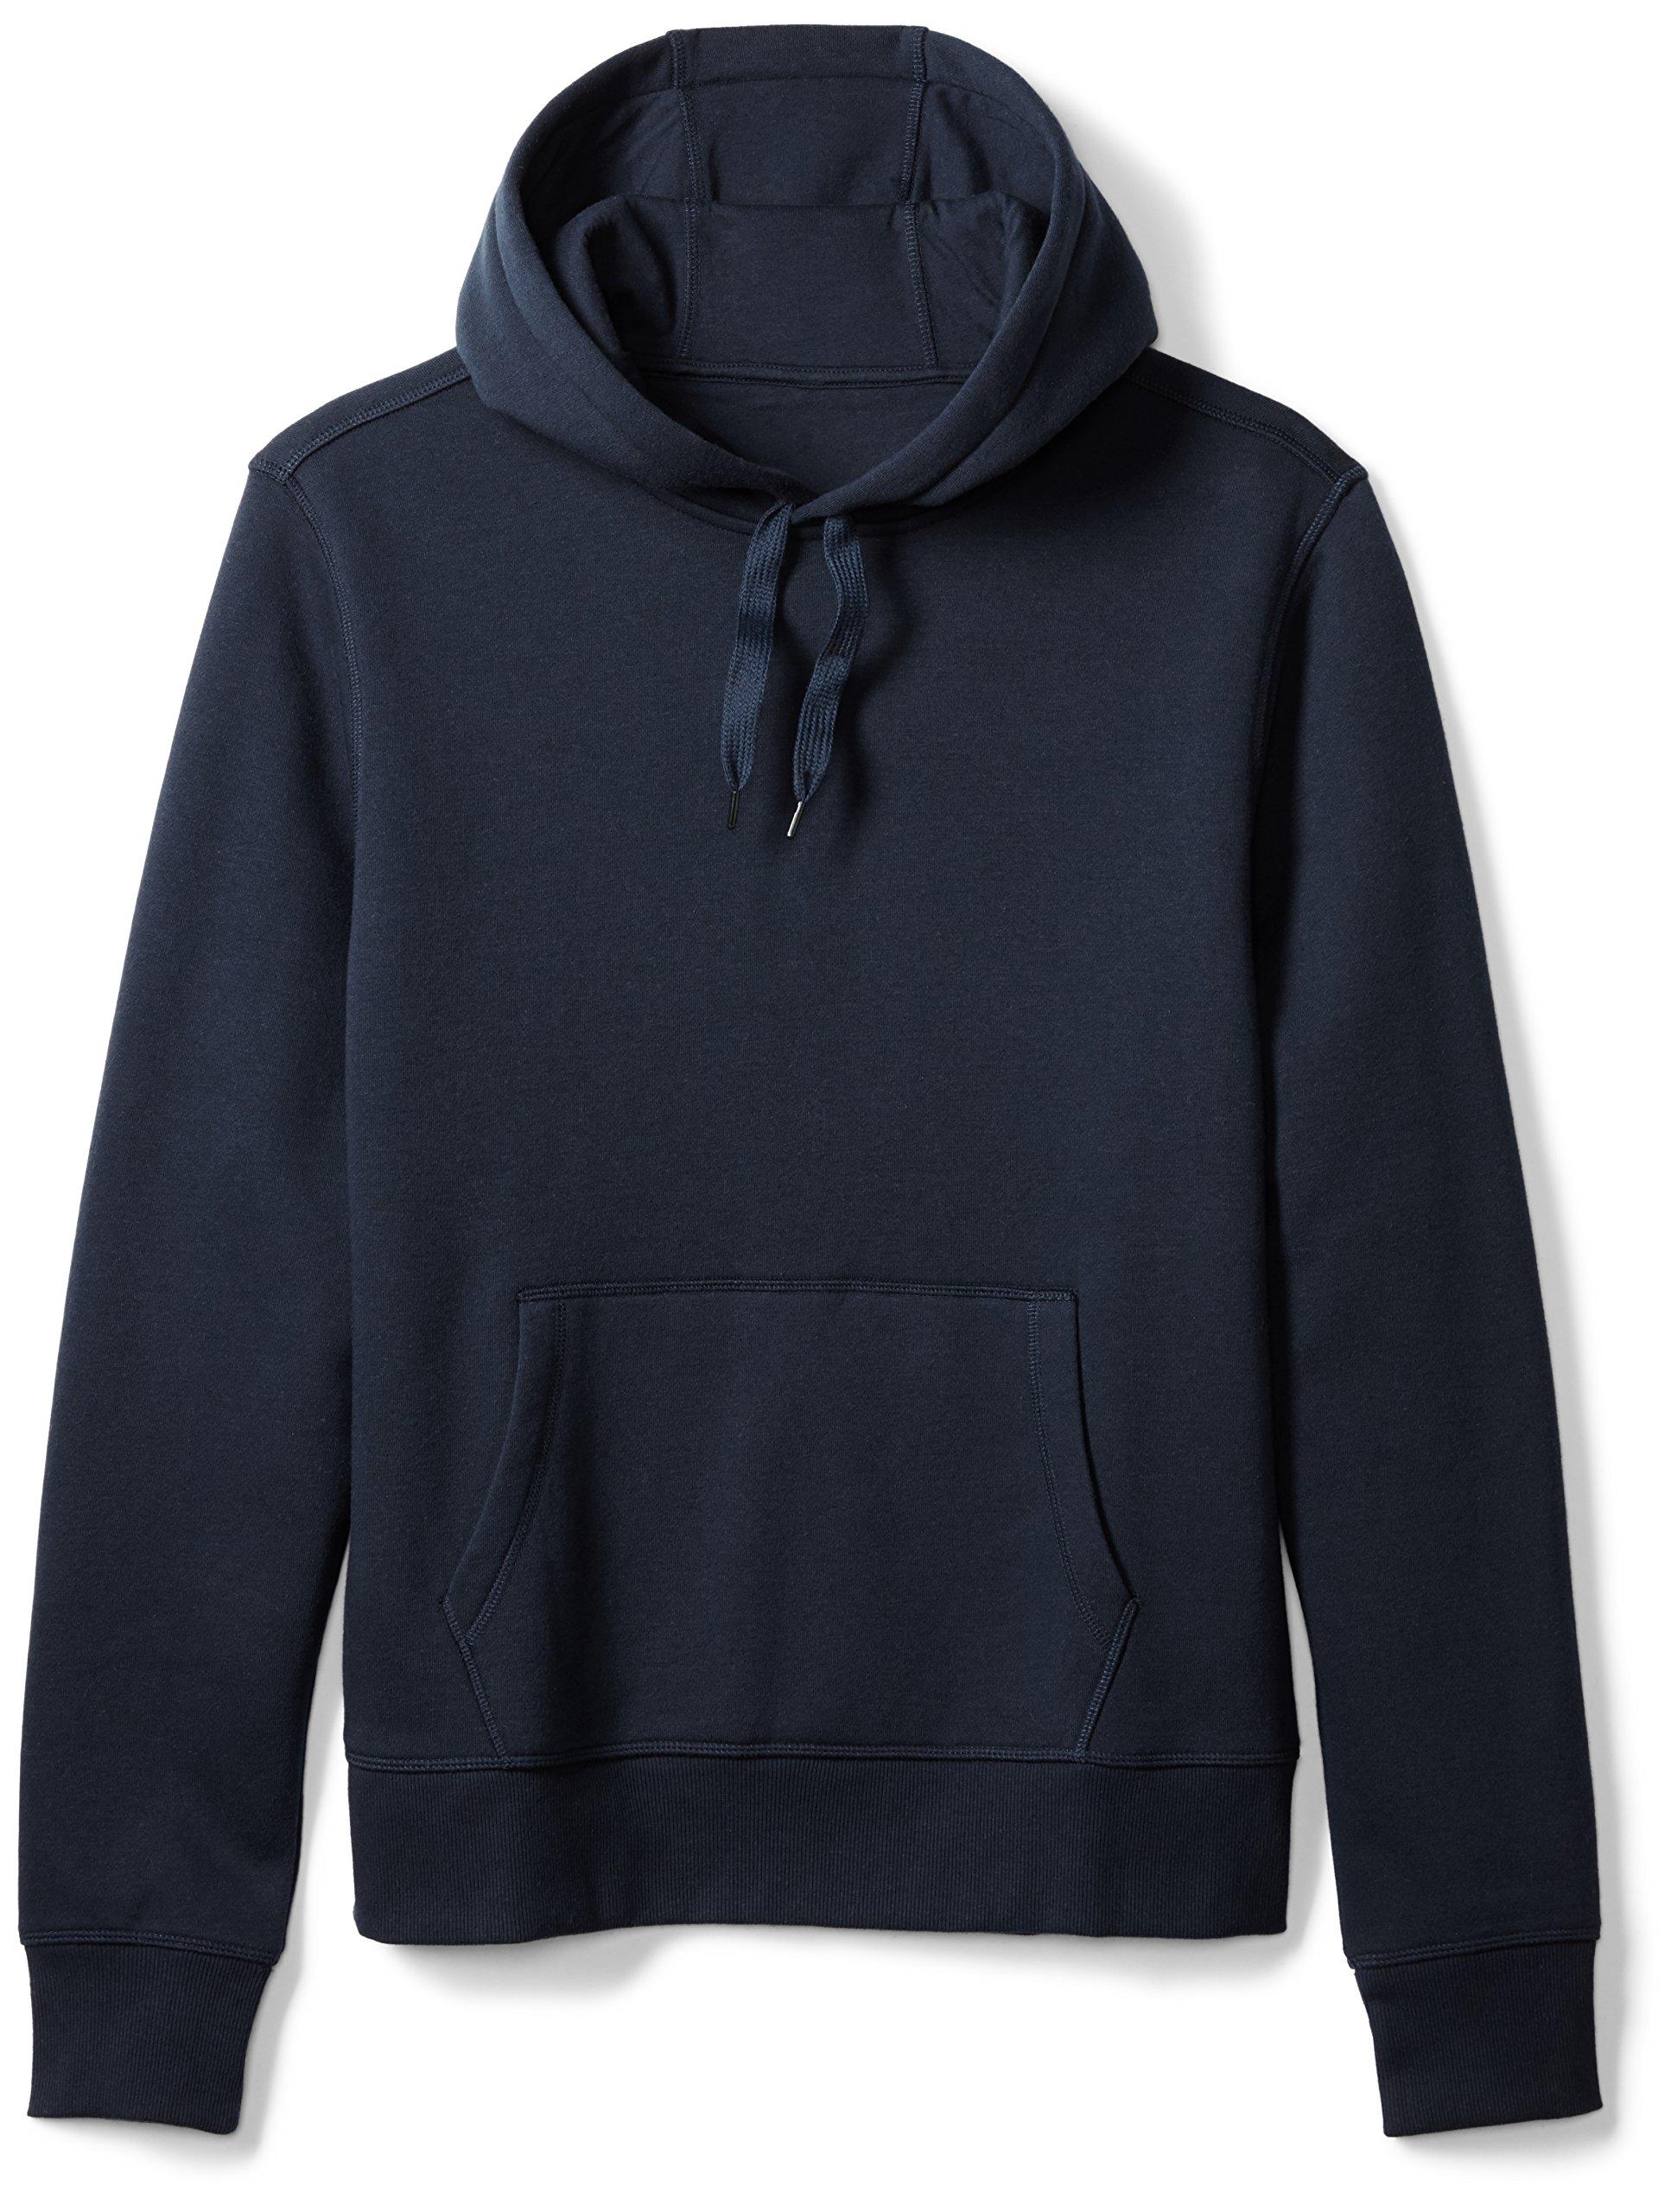 Amazon Essentials Men's Hooded Fleece Sweatshirt, Navy, Medium